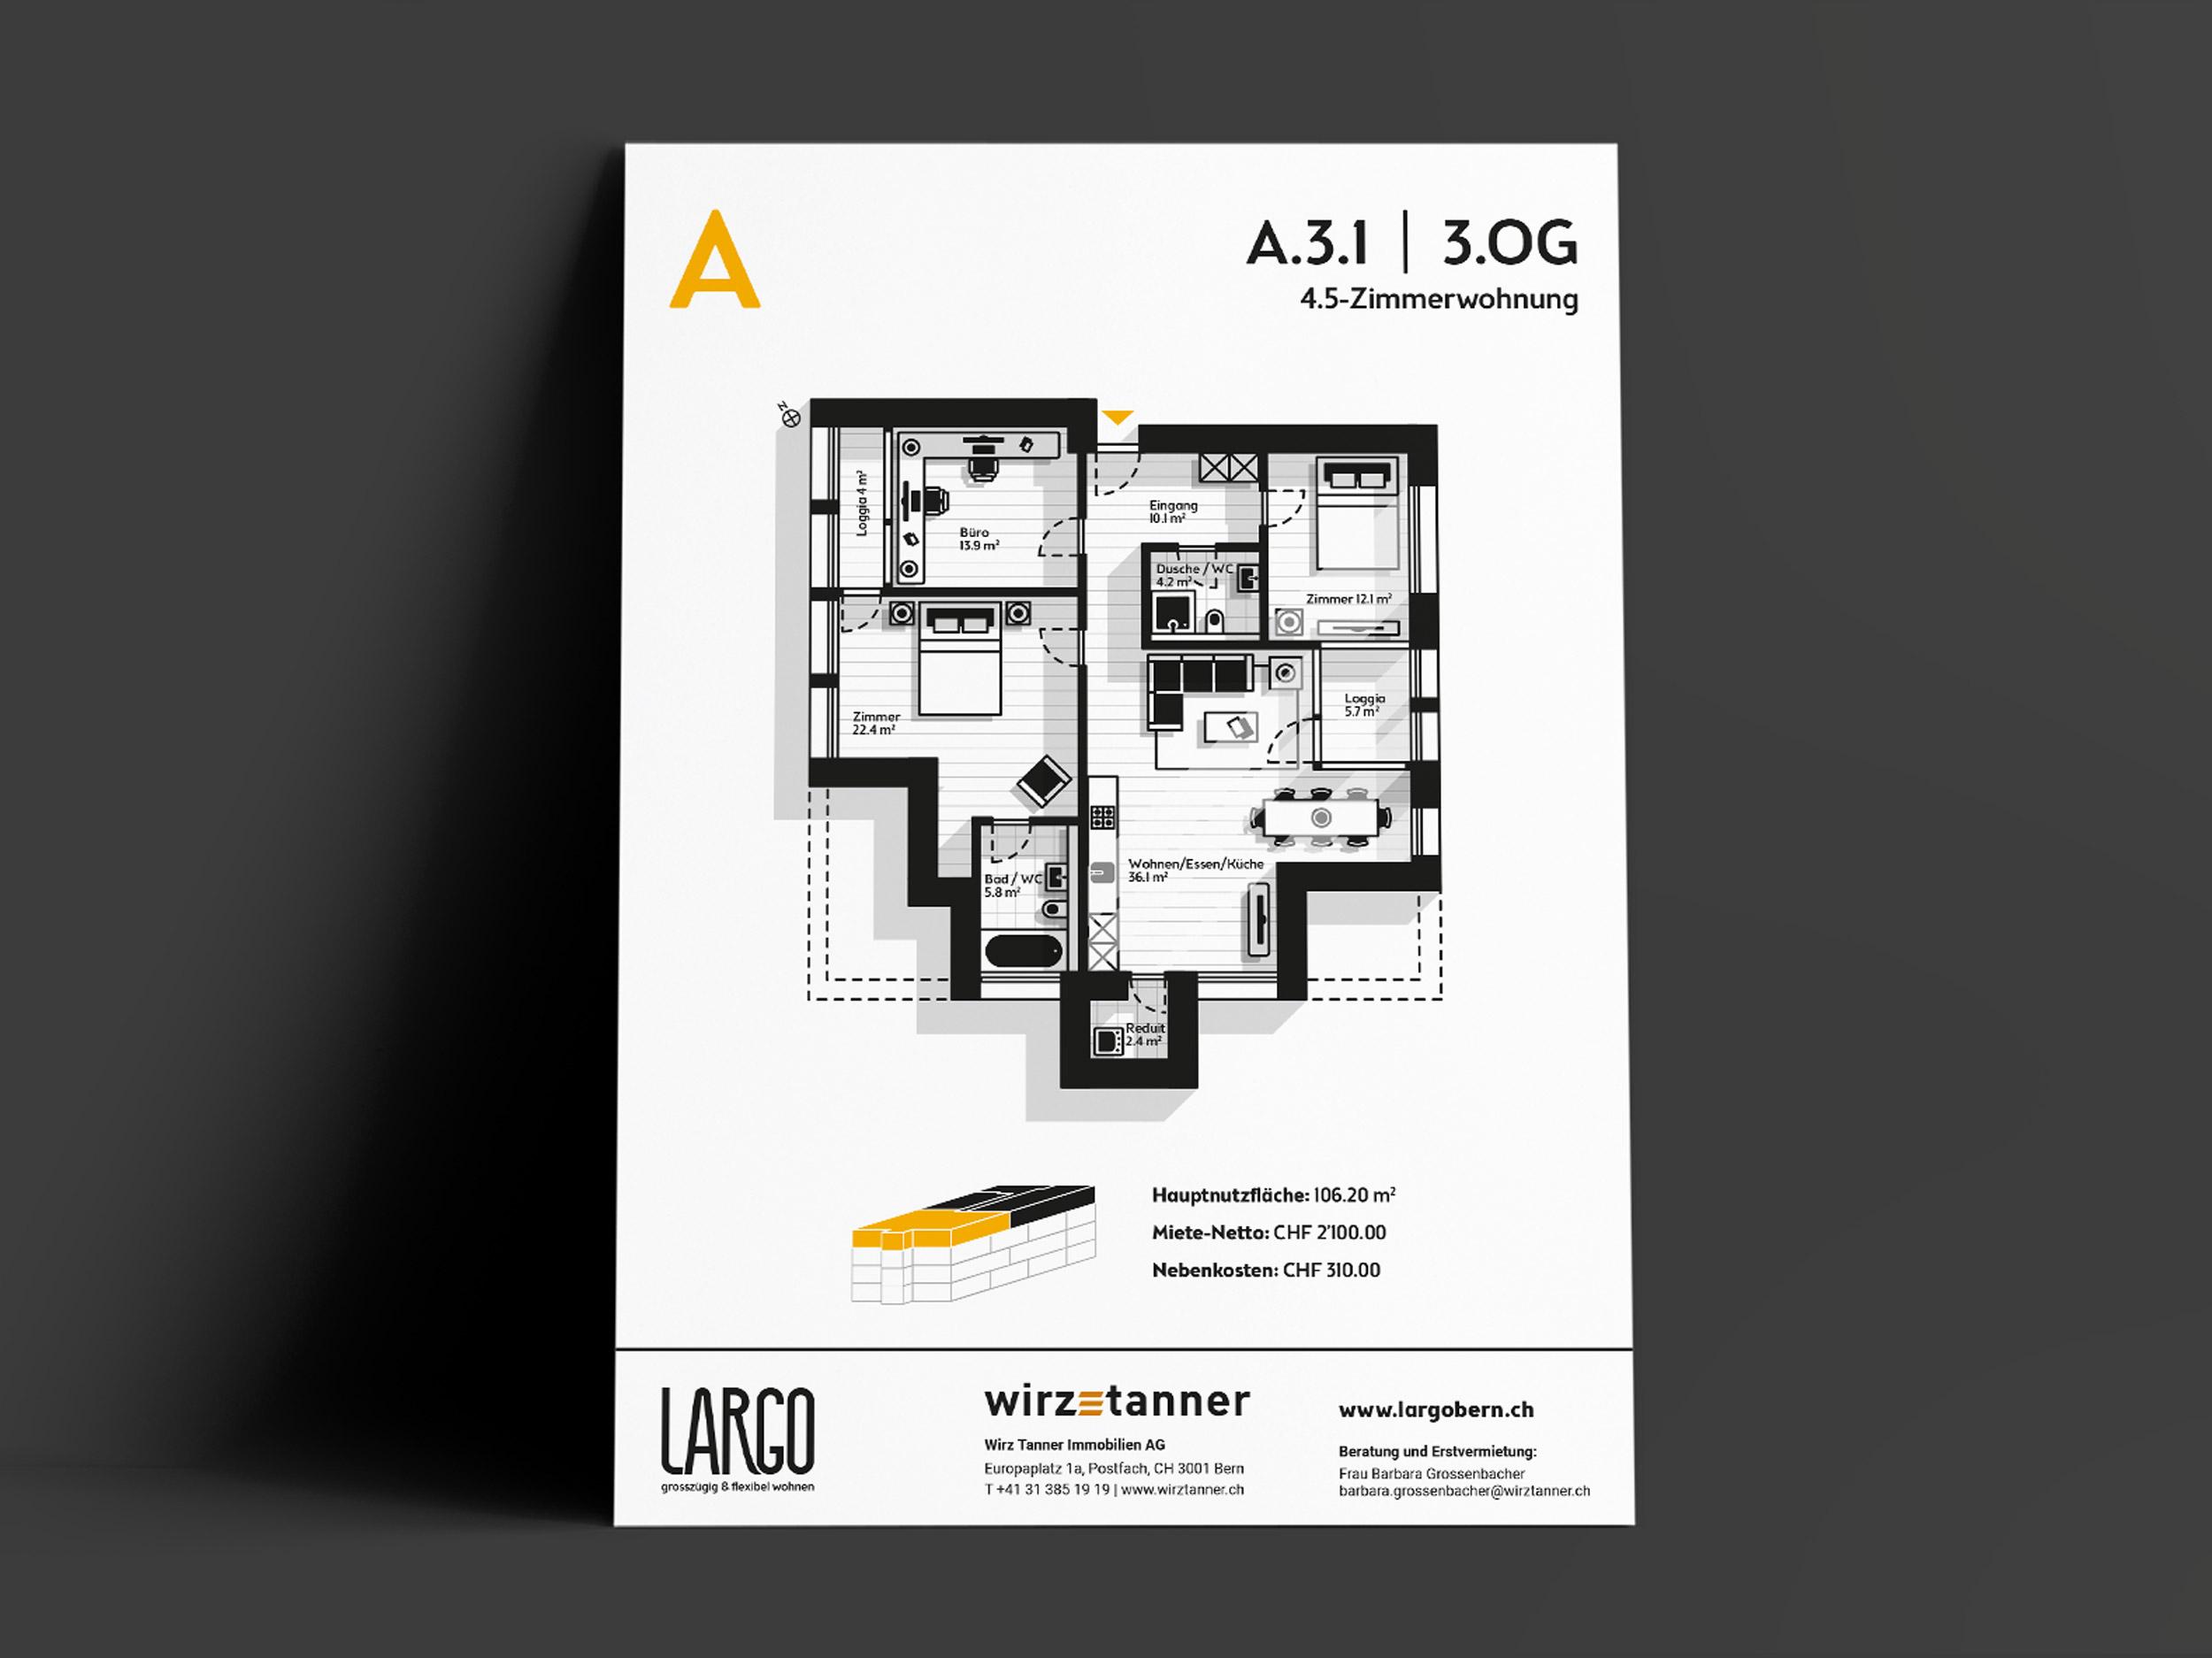 LARGO digital sheet by GPU Design